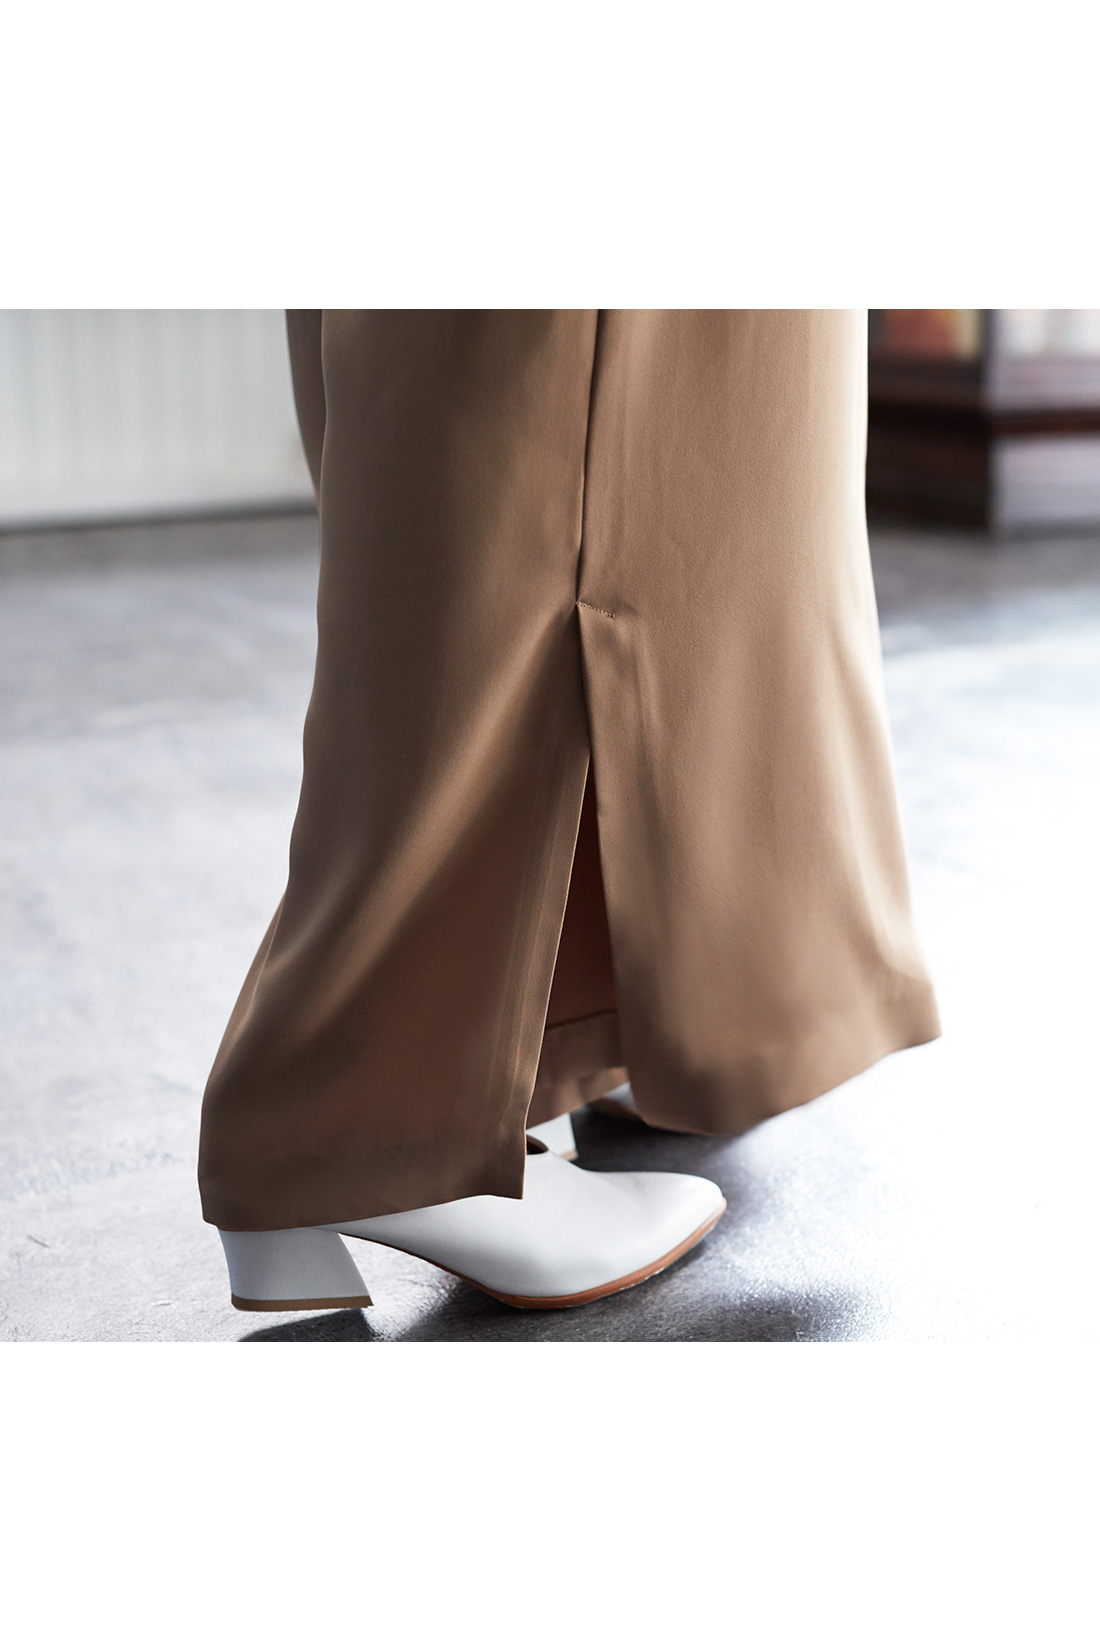 足もとにニュアンスのある表情をそえるサイドスリット入り。 ※着用イメージです。お届けするカラーとは異なります。